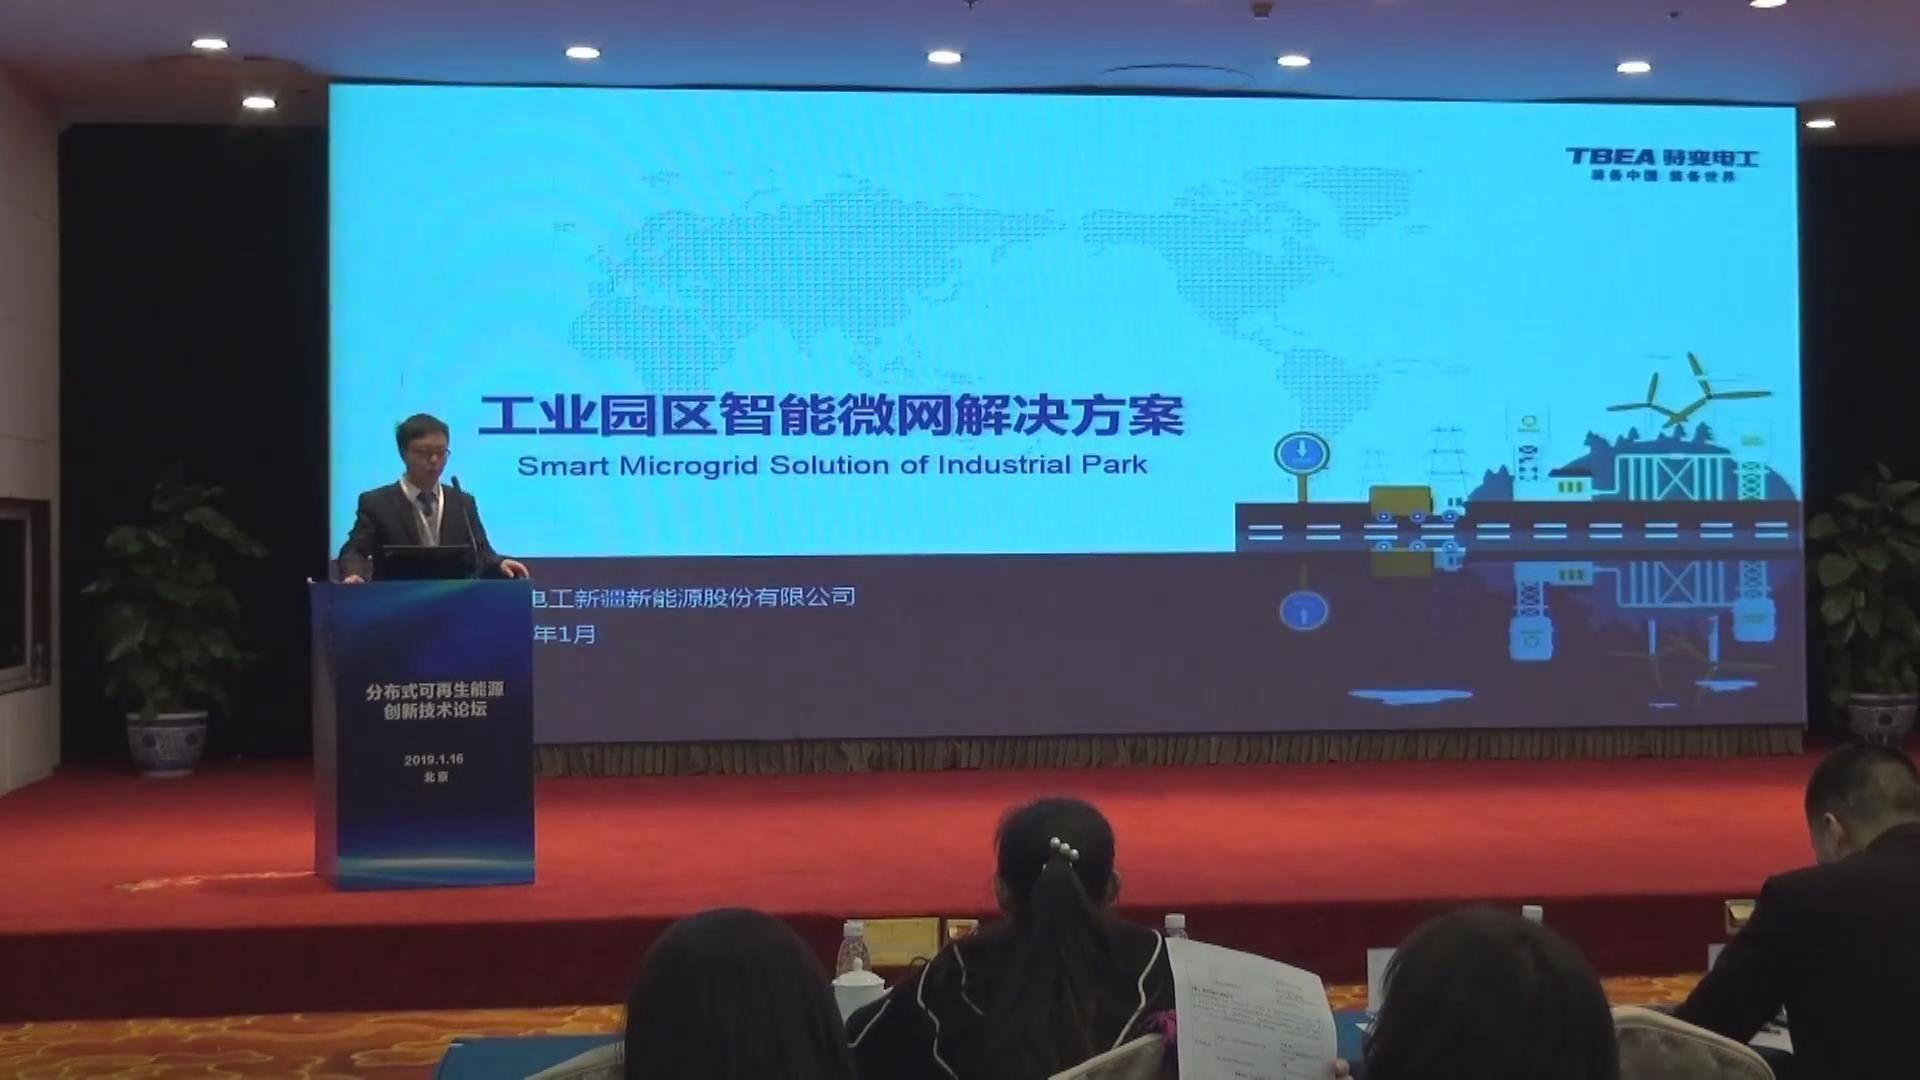 刘韬:特变电工工业园区智能微电网解决方案